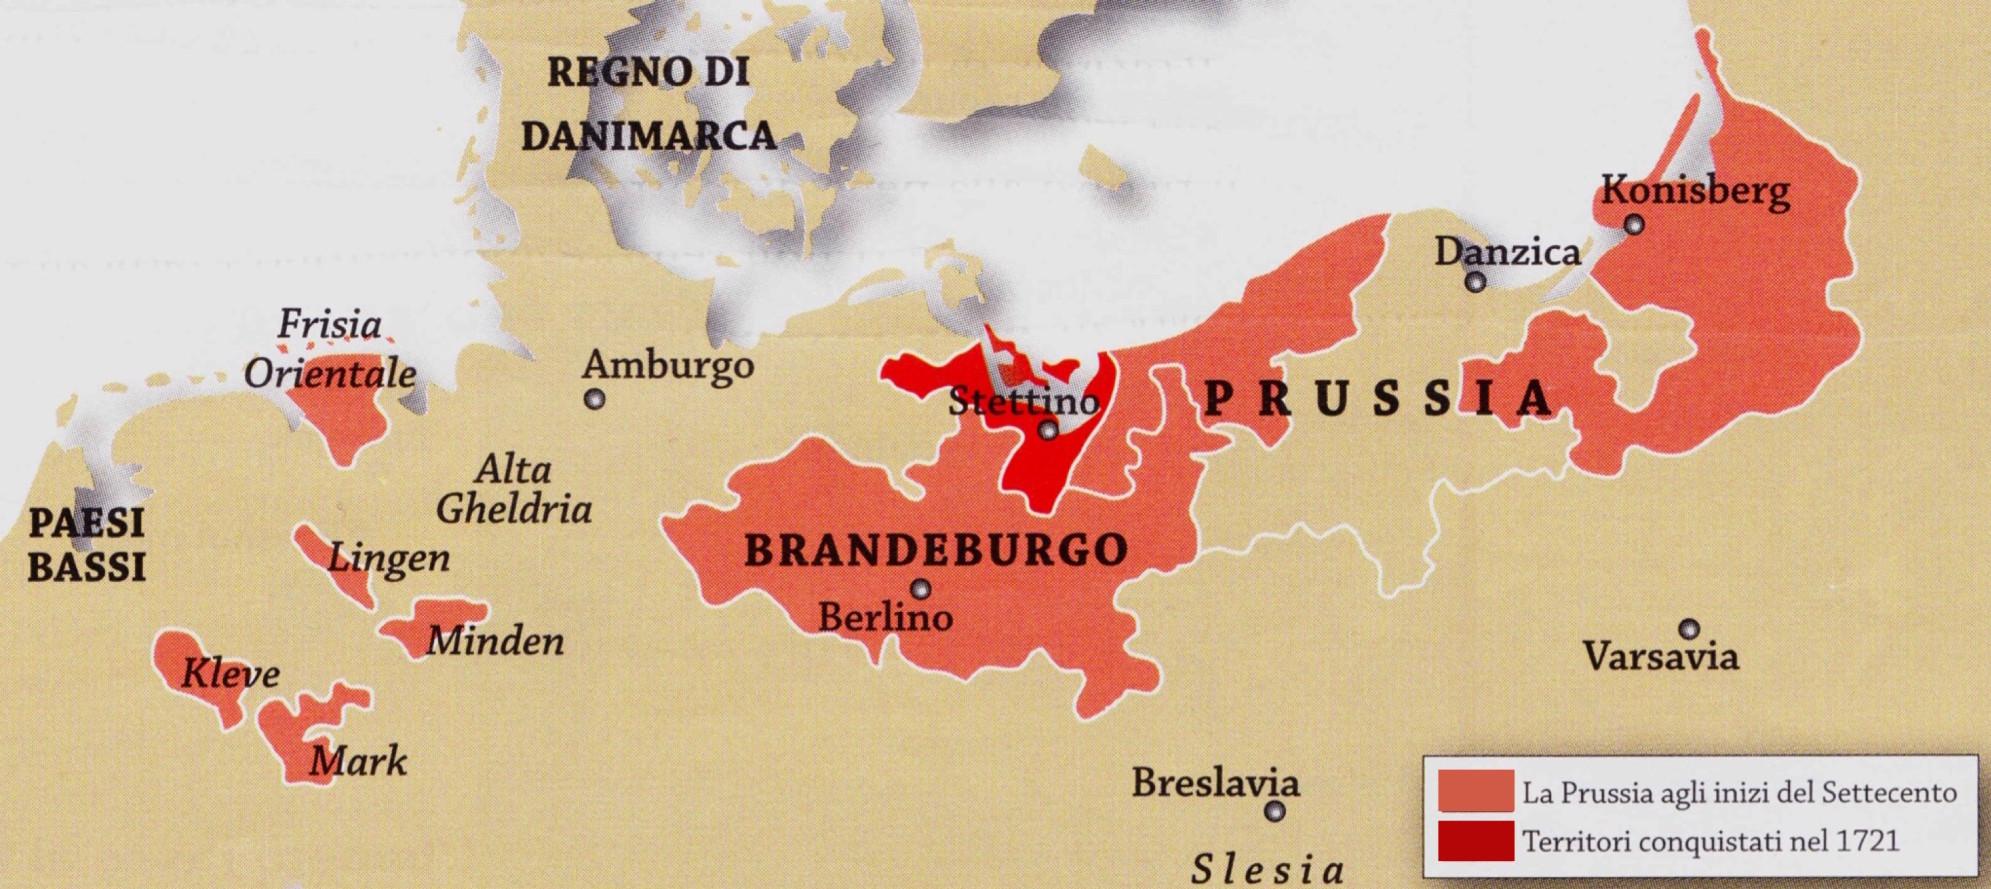 Risultati immagini per ducato di brandeburgo prussia